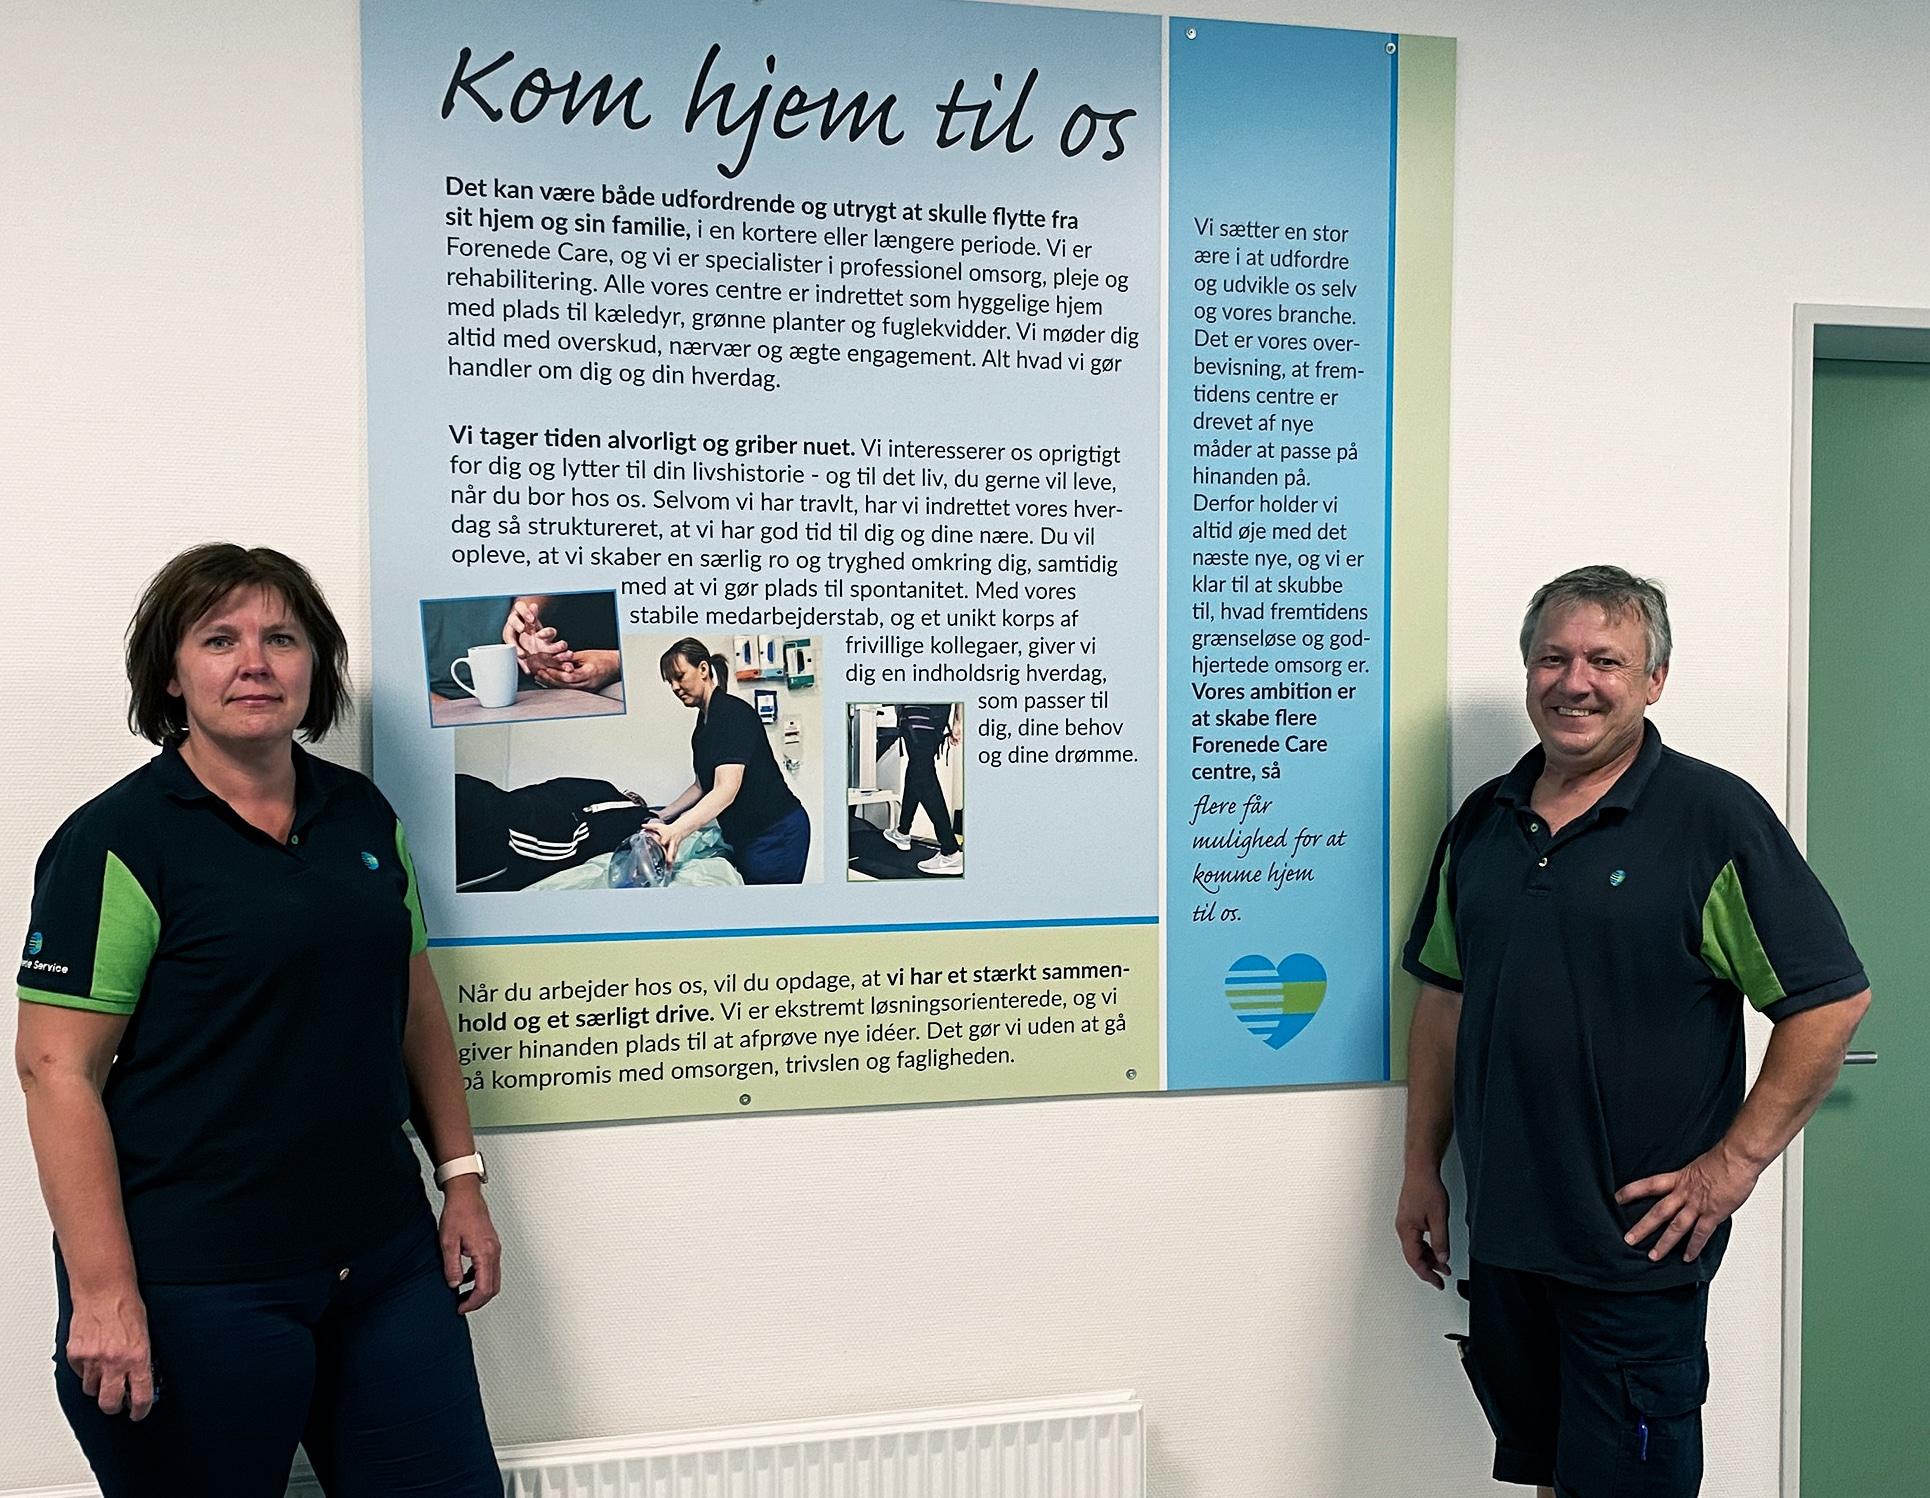 Ringstedhave case, Anja Nielsen Centerchef Ringstedshave